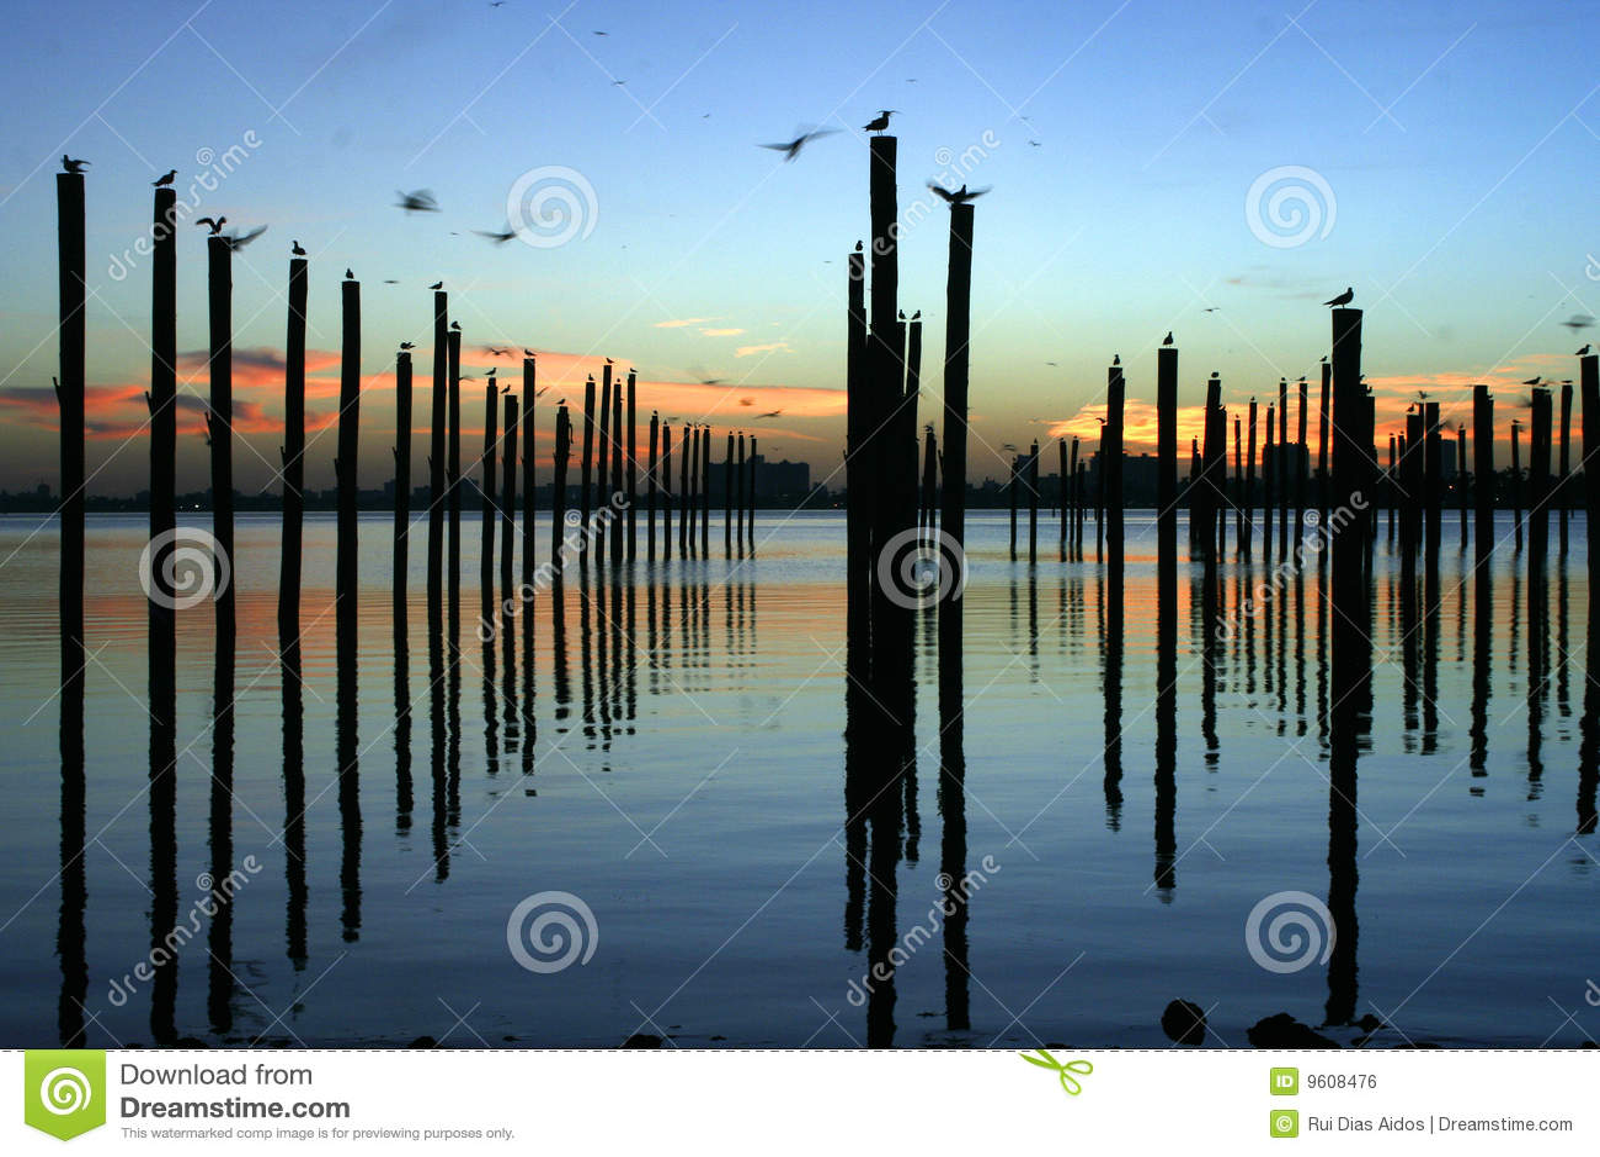 Docking poles at sunrise